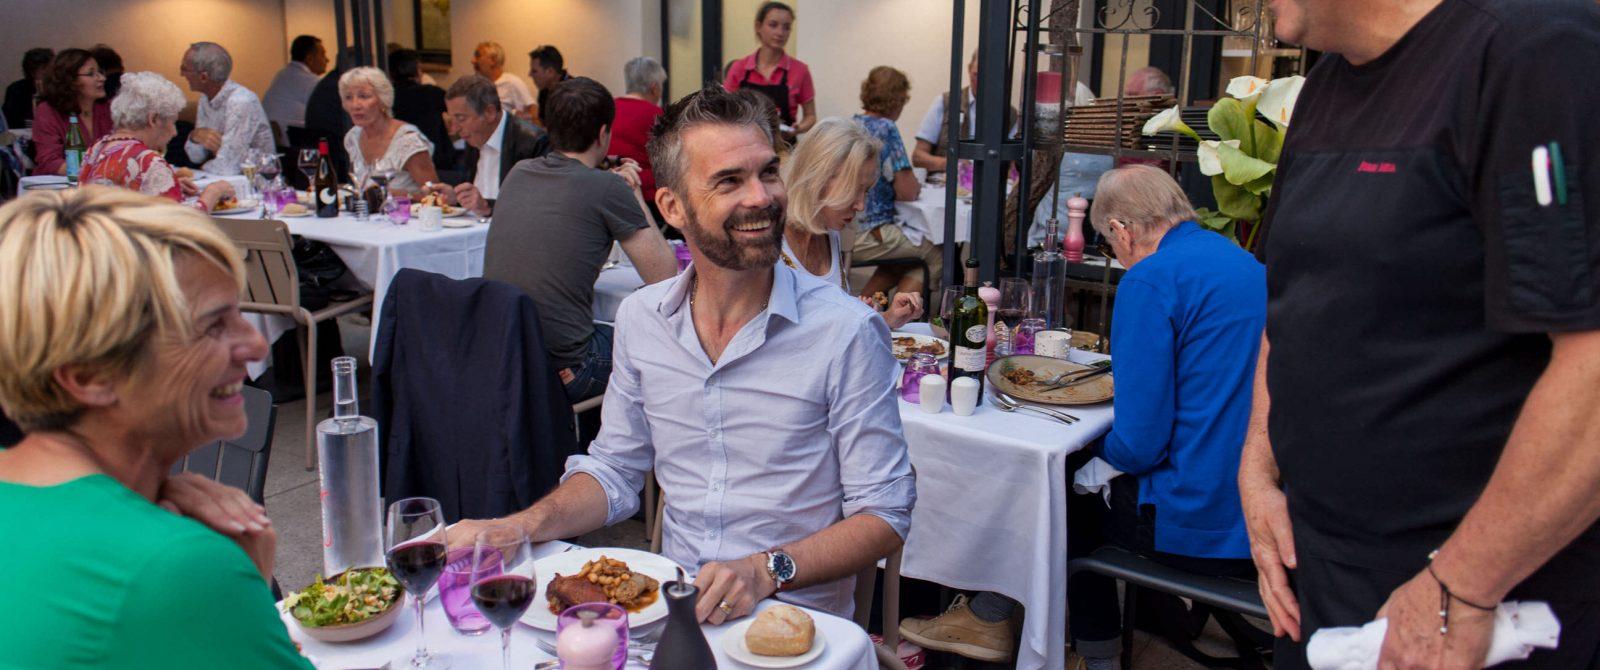 Repas au Comte Roger, en terrasse - Cité de Carcassonne @ Philippe Benoist